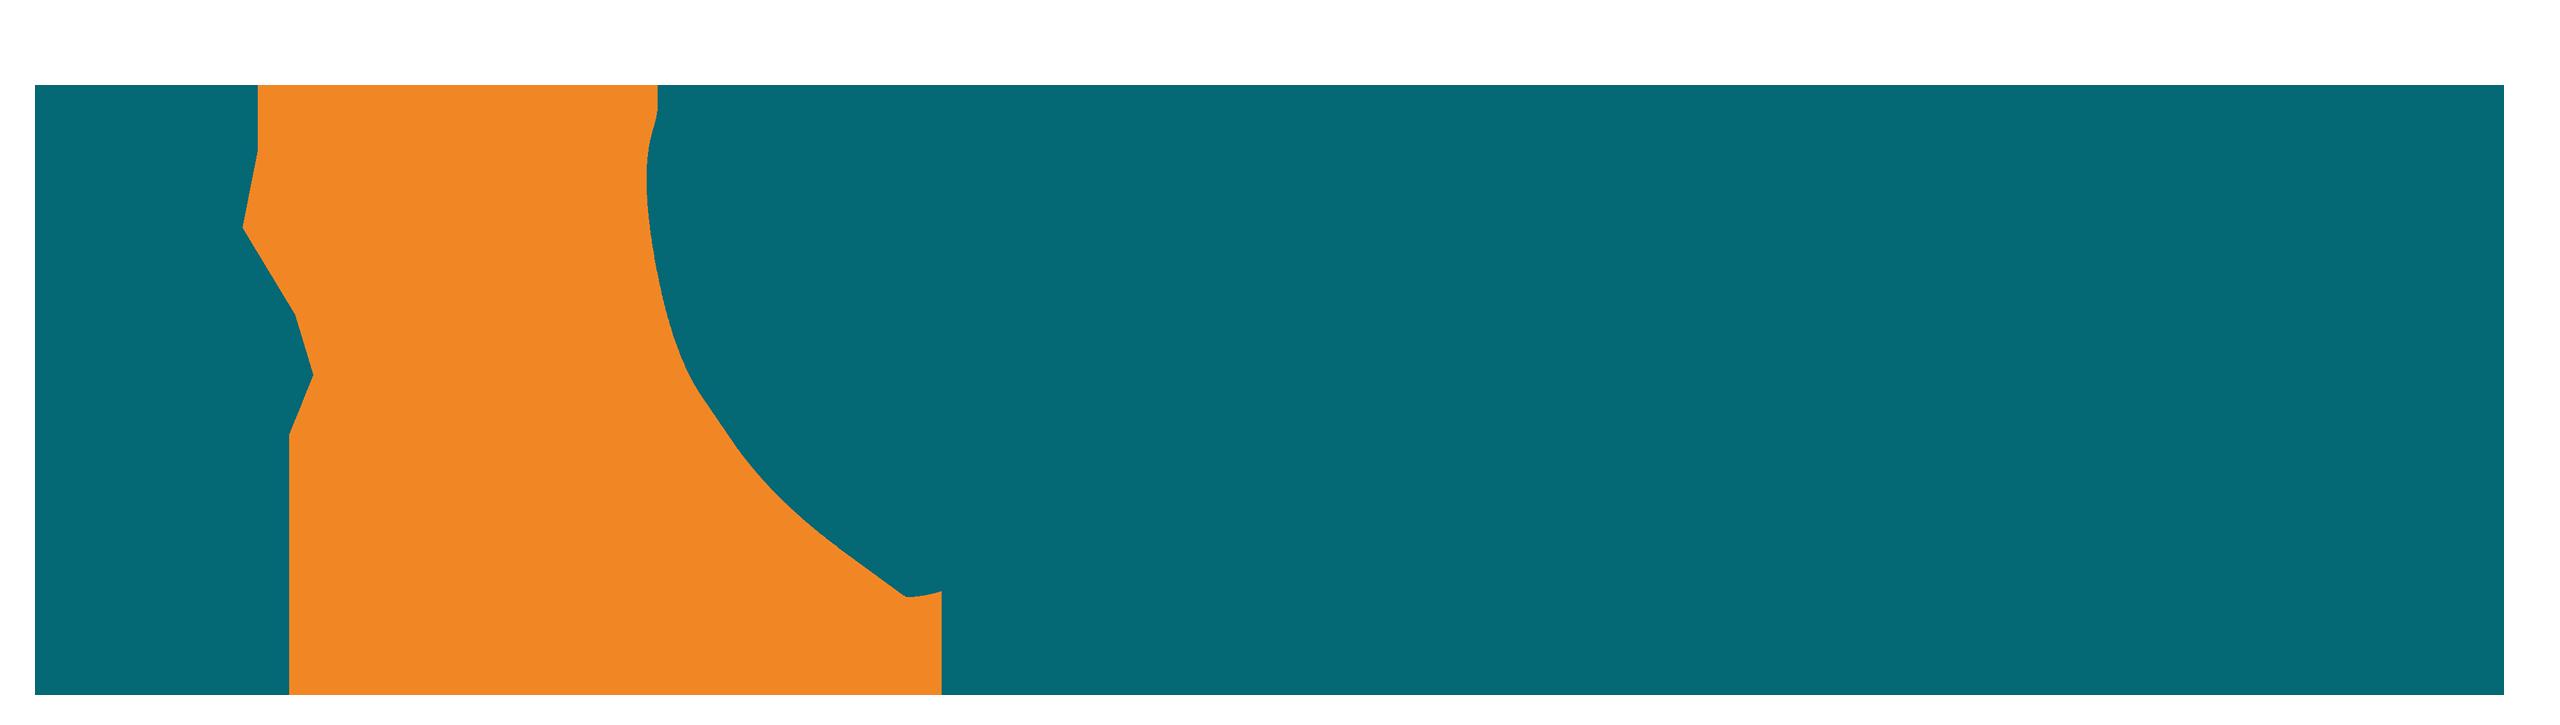 Lagusski logo